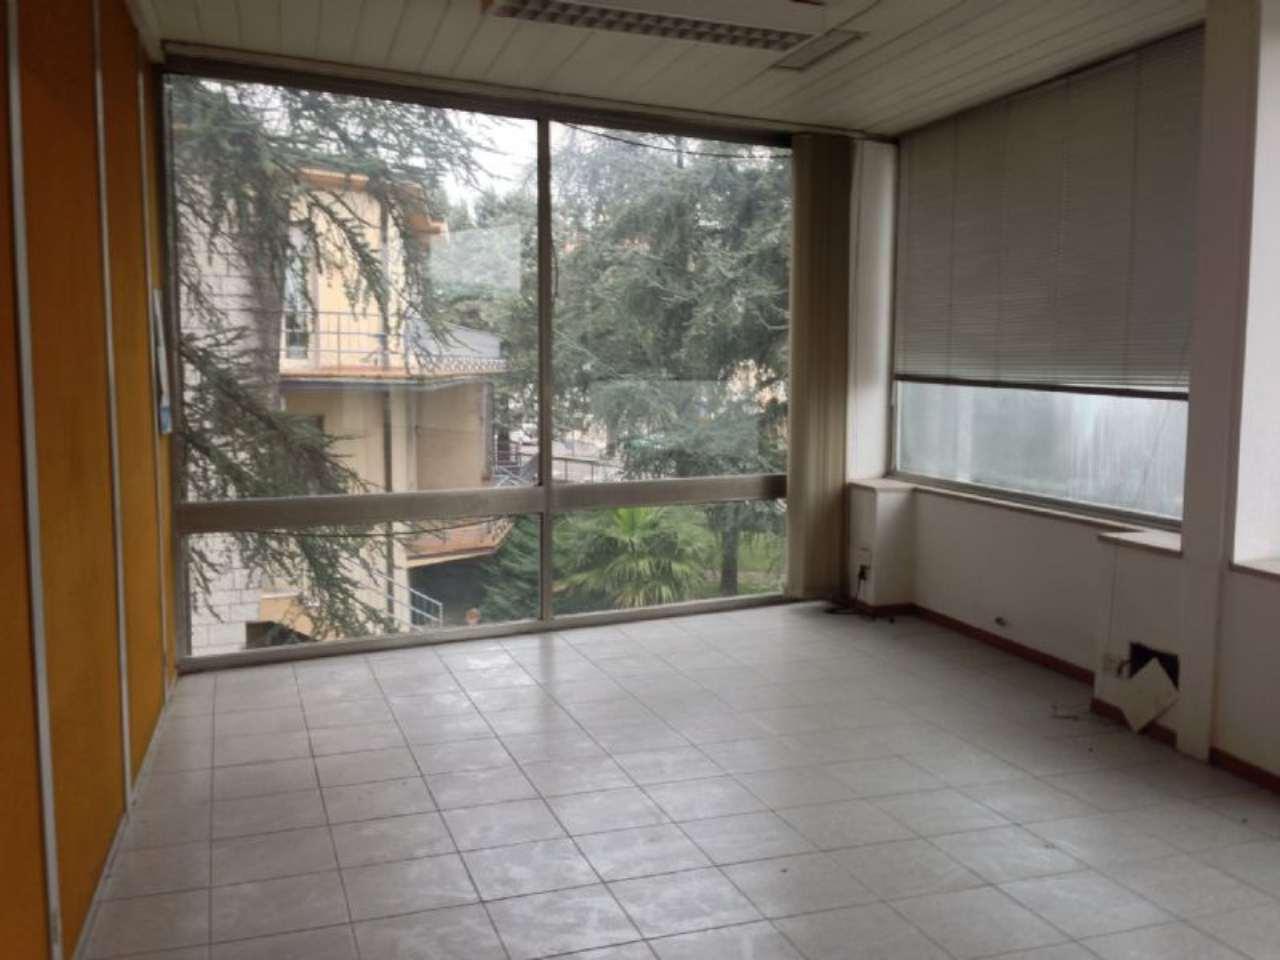 Ufficio / Studio in affitto a Desenzano del Garda, 3 locali, prezzo € 3.600 | Cambio Casa.it